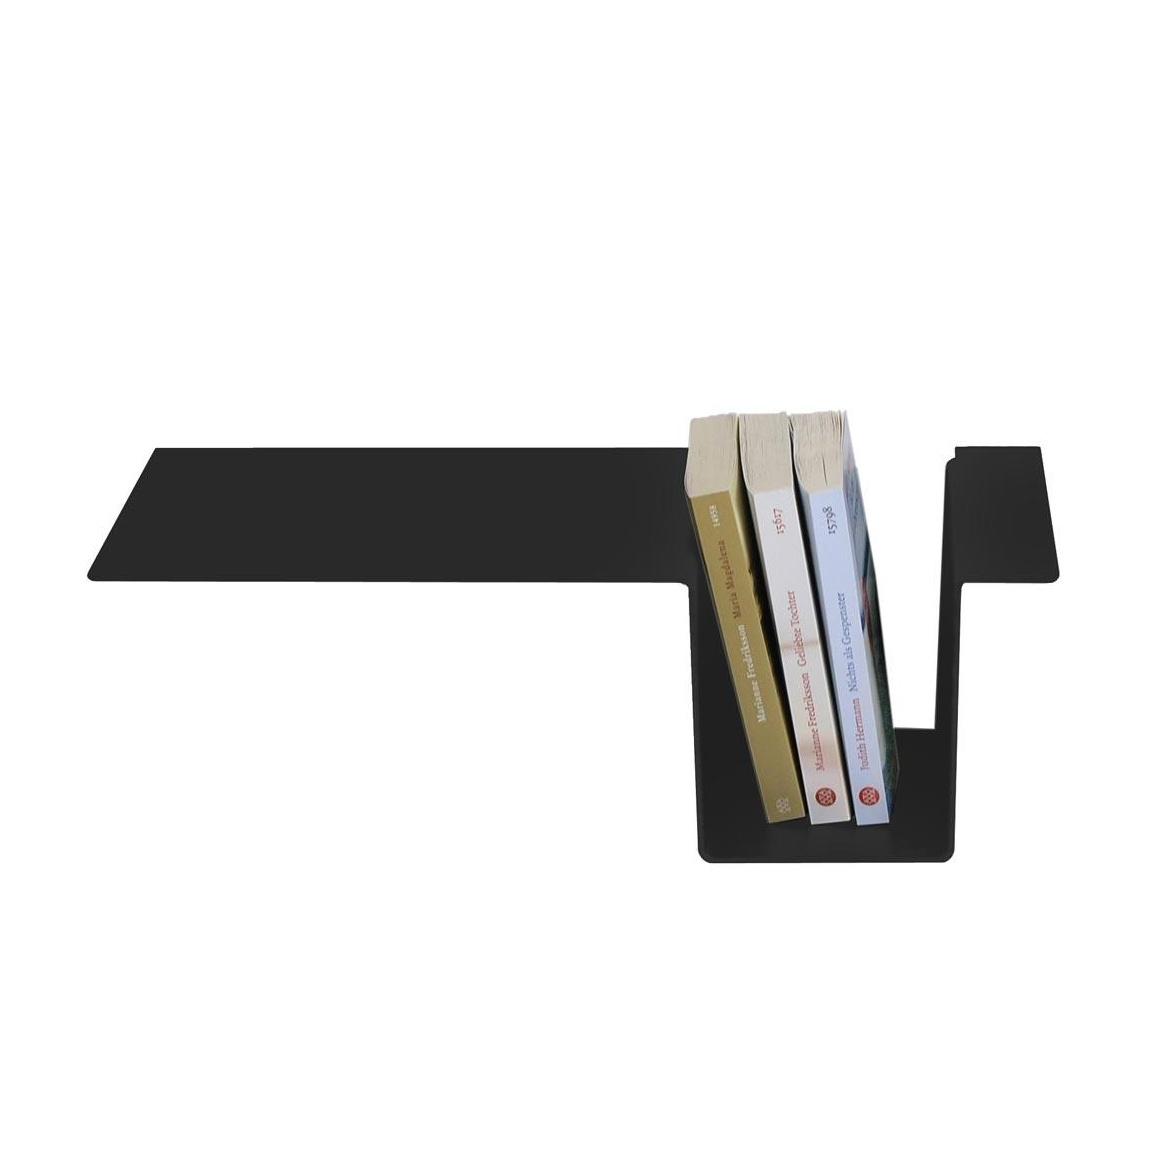 Moormann - Siebenschläfer Seitenablage - schwarz/eloxiert/zum einhängen | Schlafzimmer > Nachttische | Schwarz | Aluminum | Moormann